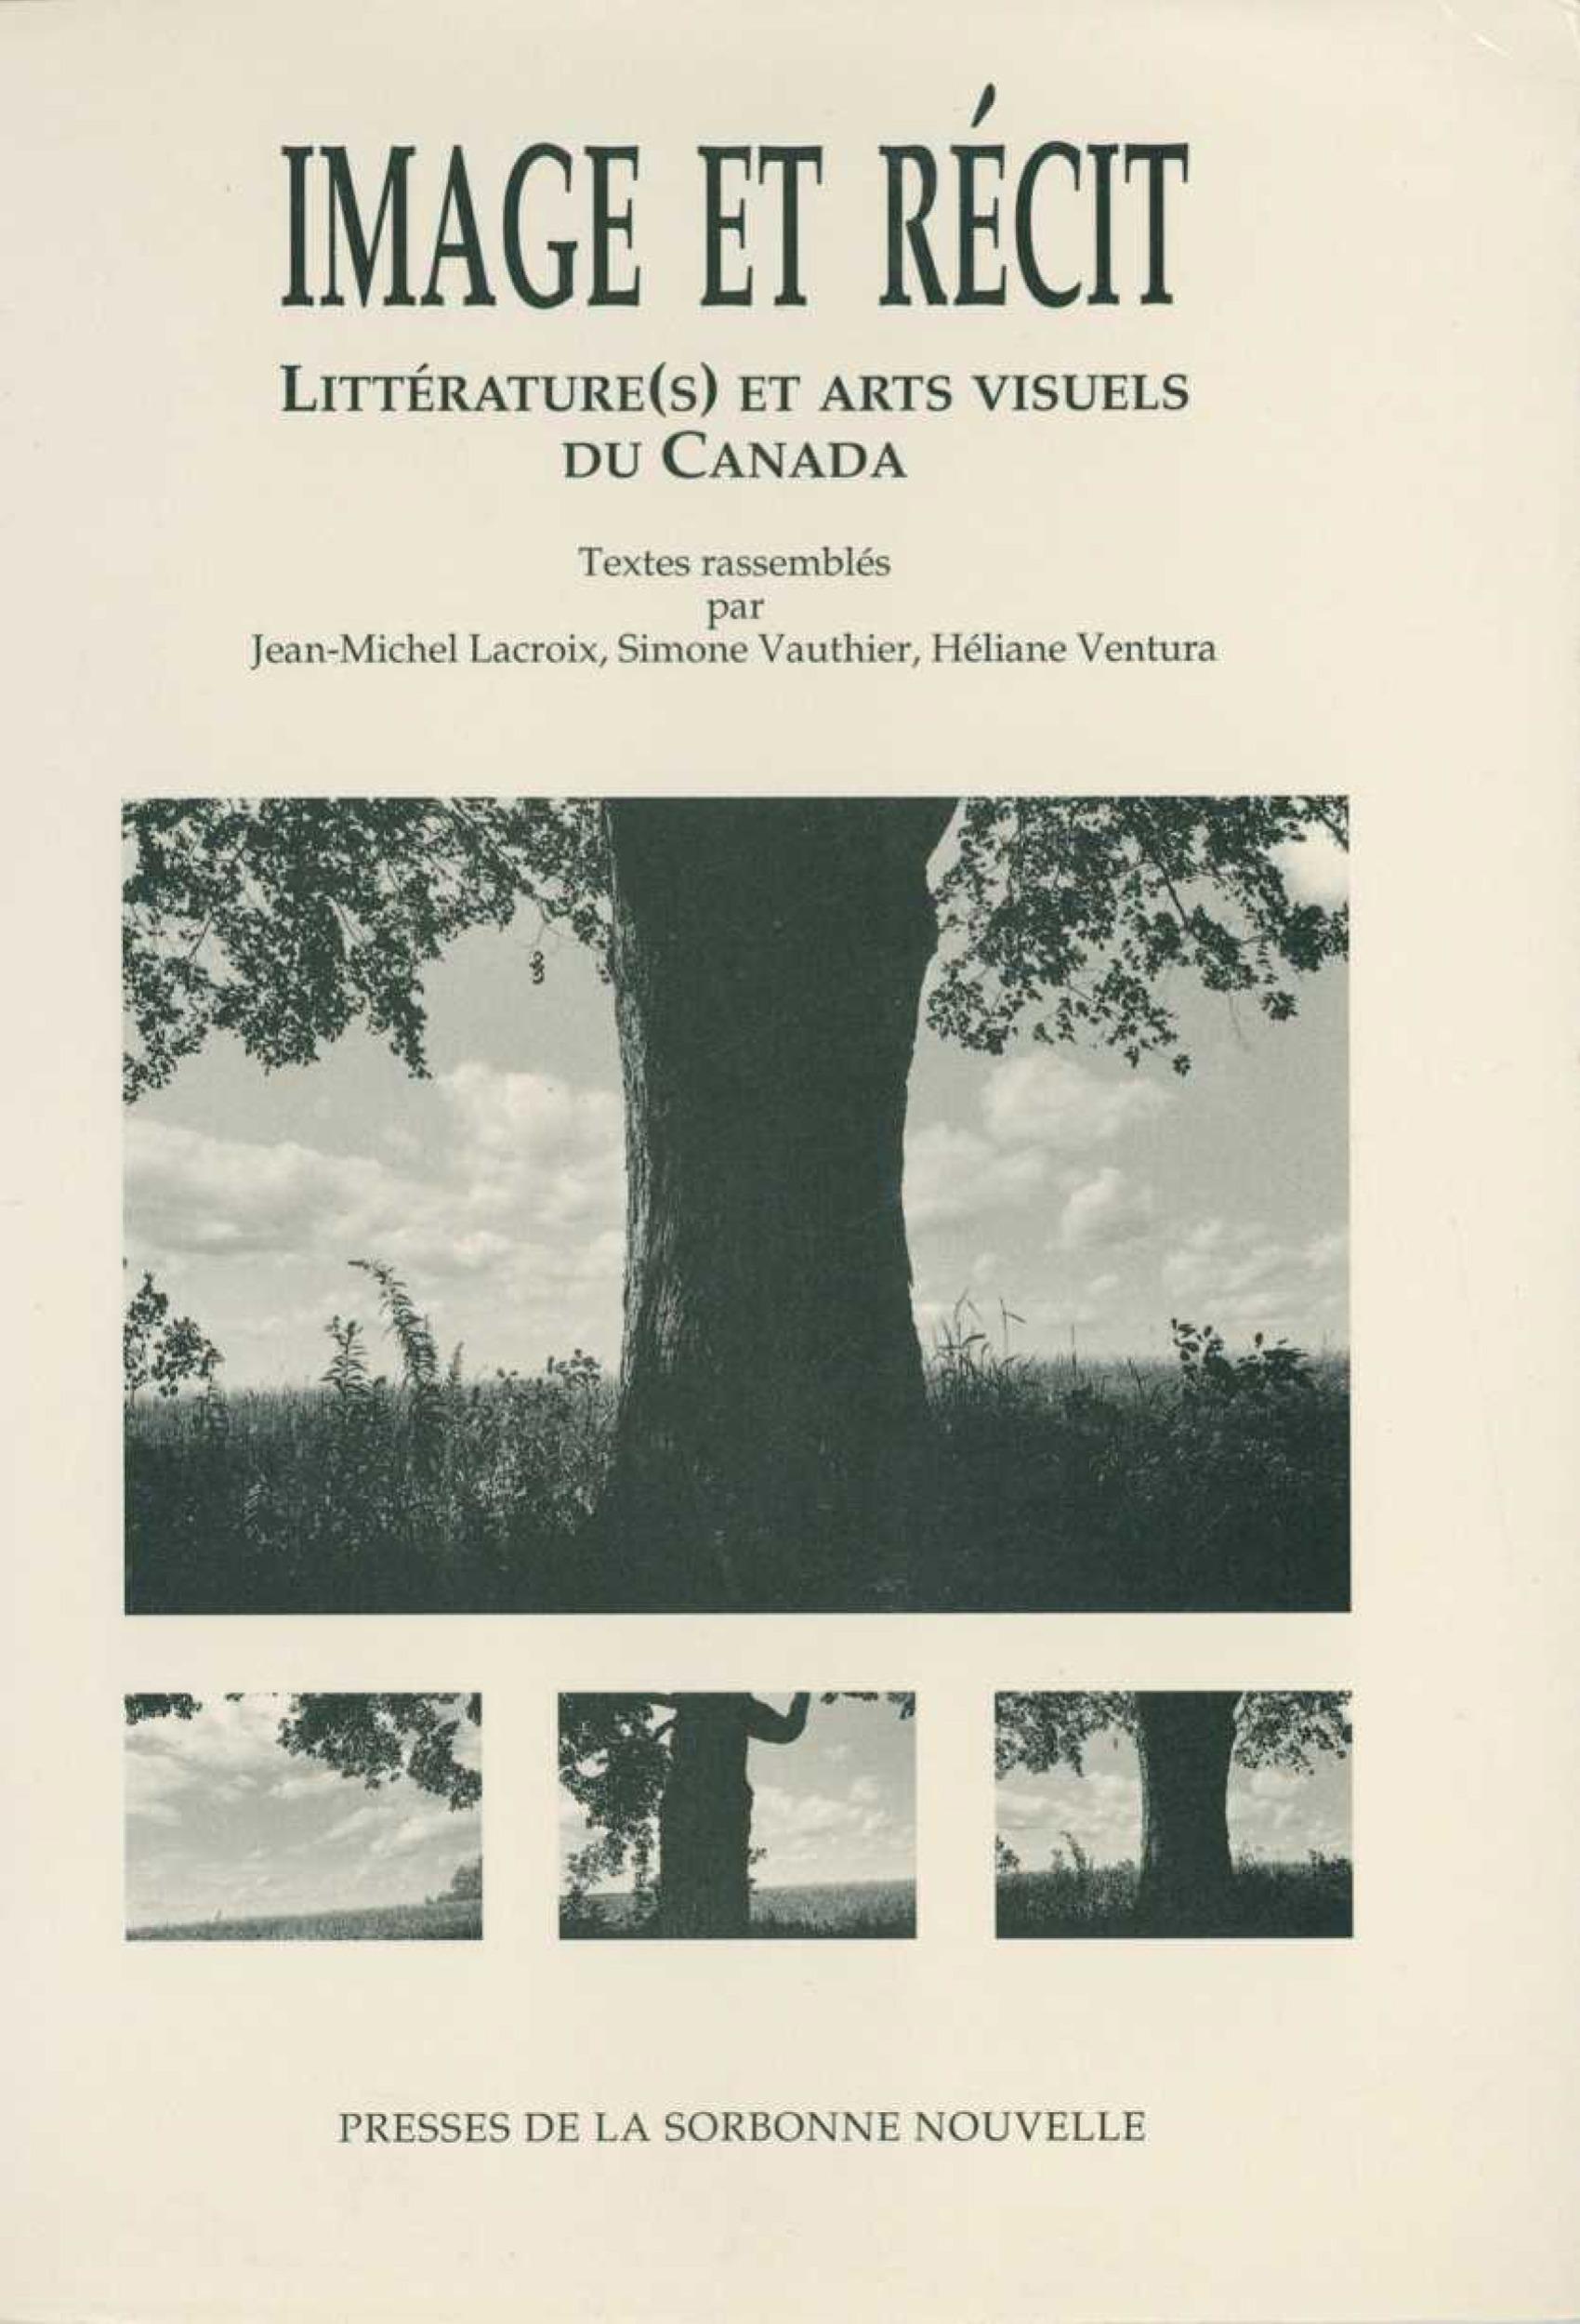 Image et recit. litterature(s) et arts visuels du canada. colloque in ternational organise par le ce